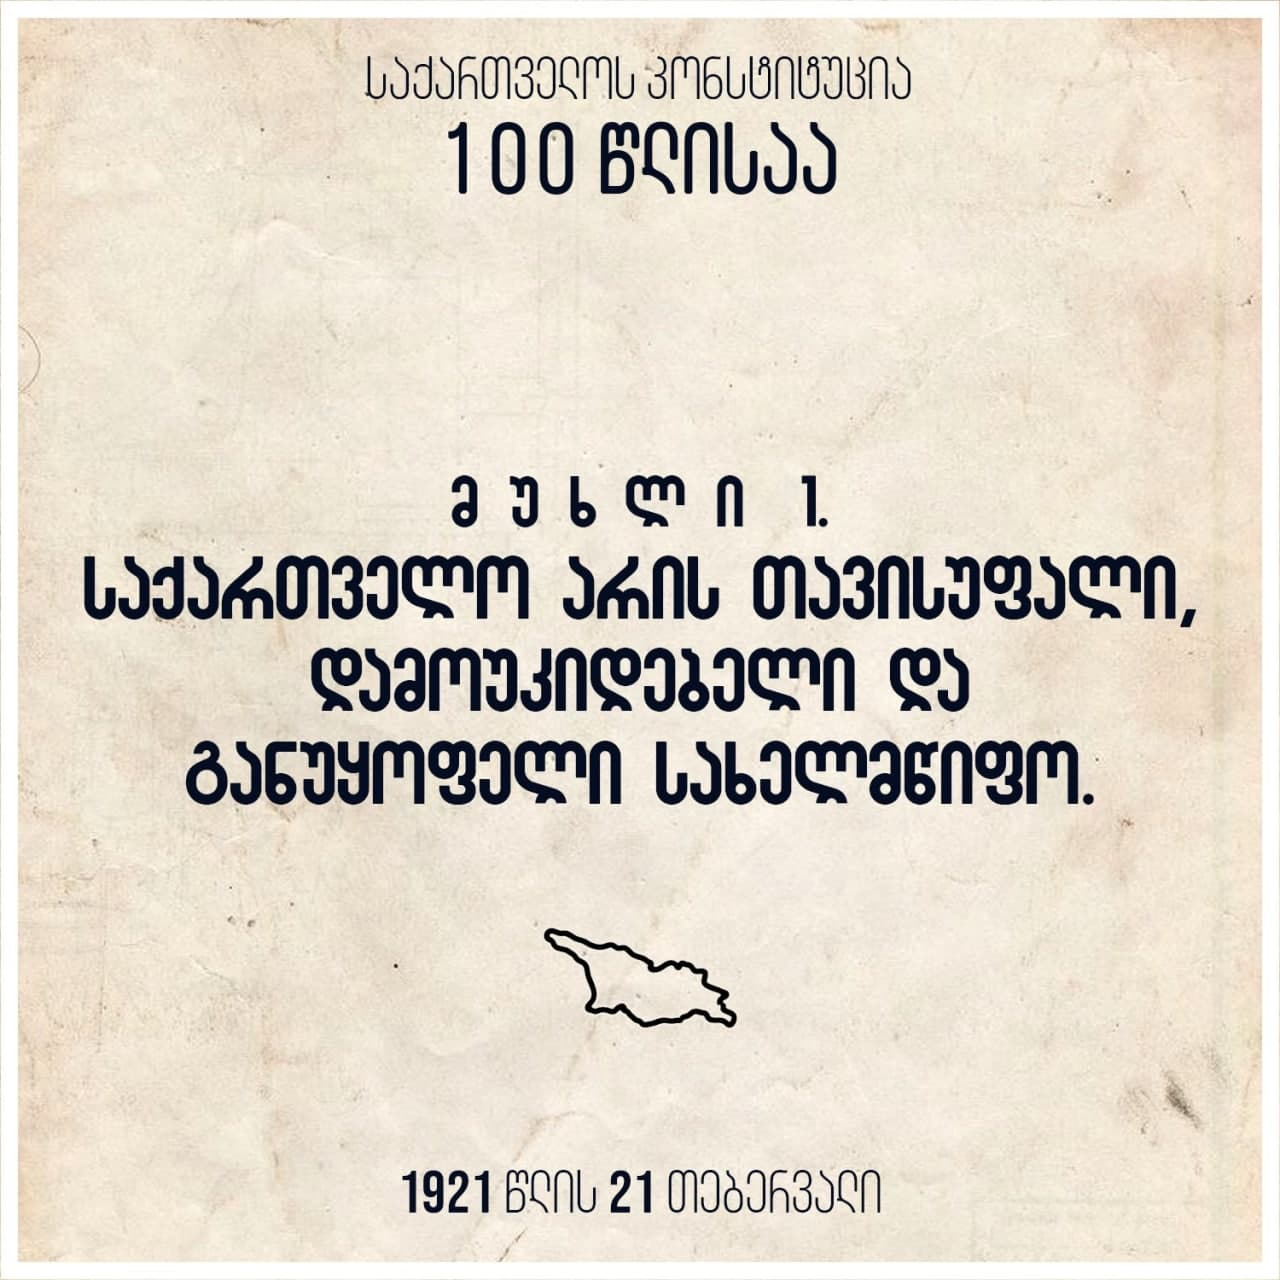 152253212 819413271981669 1163638827455347061 n #новости Грузинская Демократическая Республика, Грузия, первая Конституция Грузии